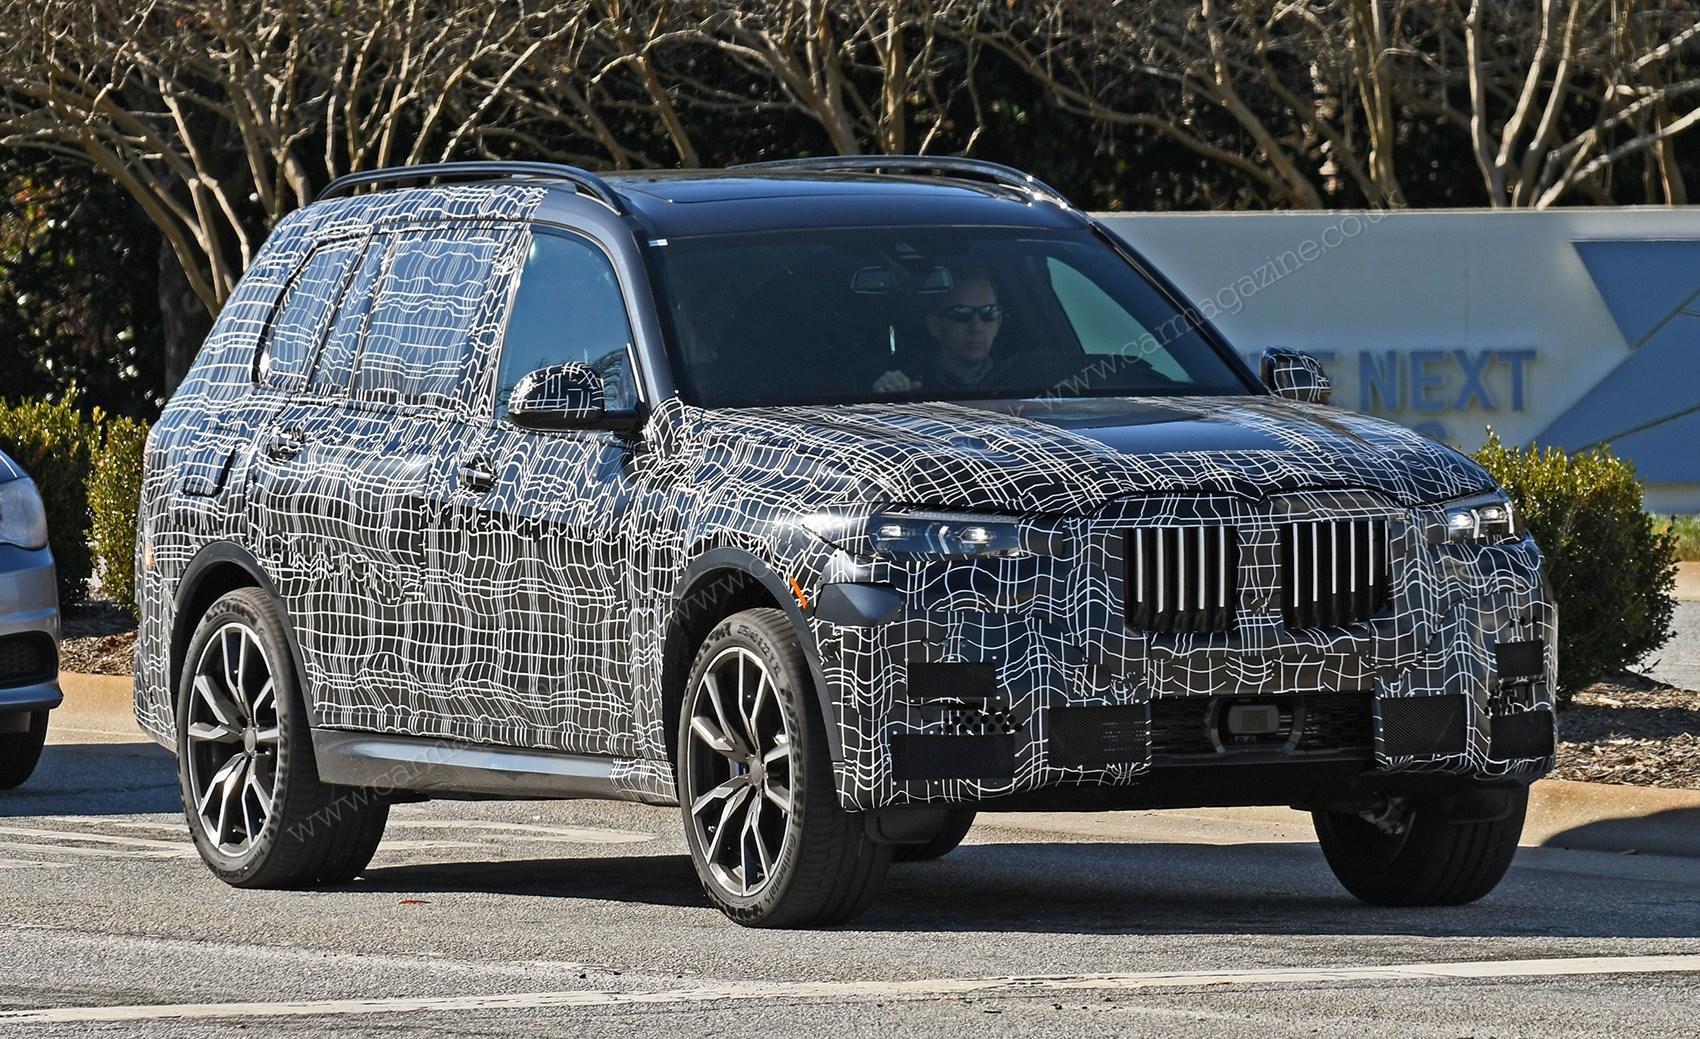 Οι σκληρές δοκιμασίες στον αρκτικό κύκλο τηςνέας BMW X7